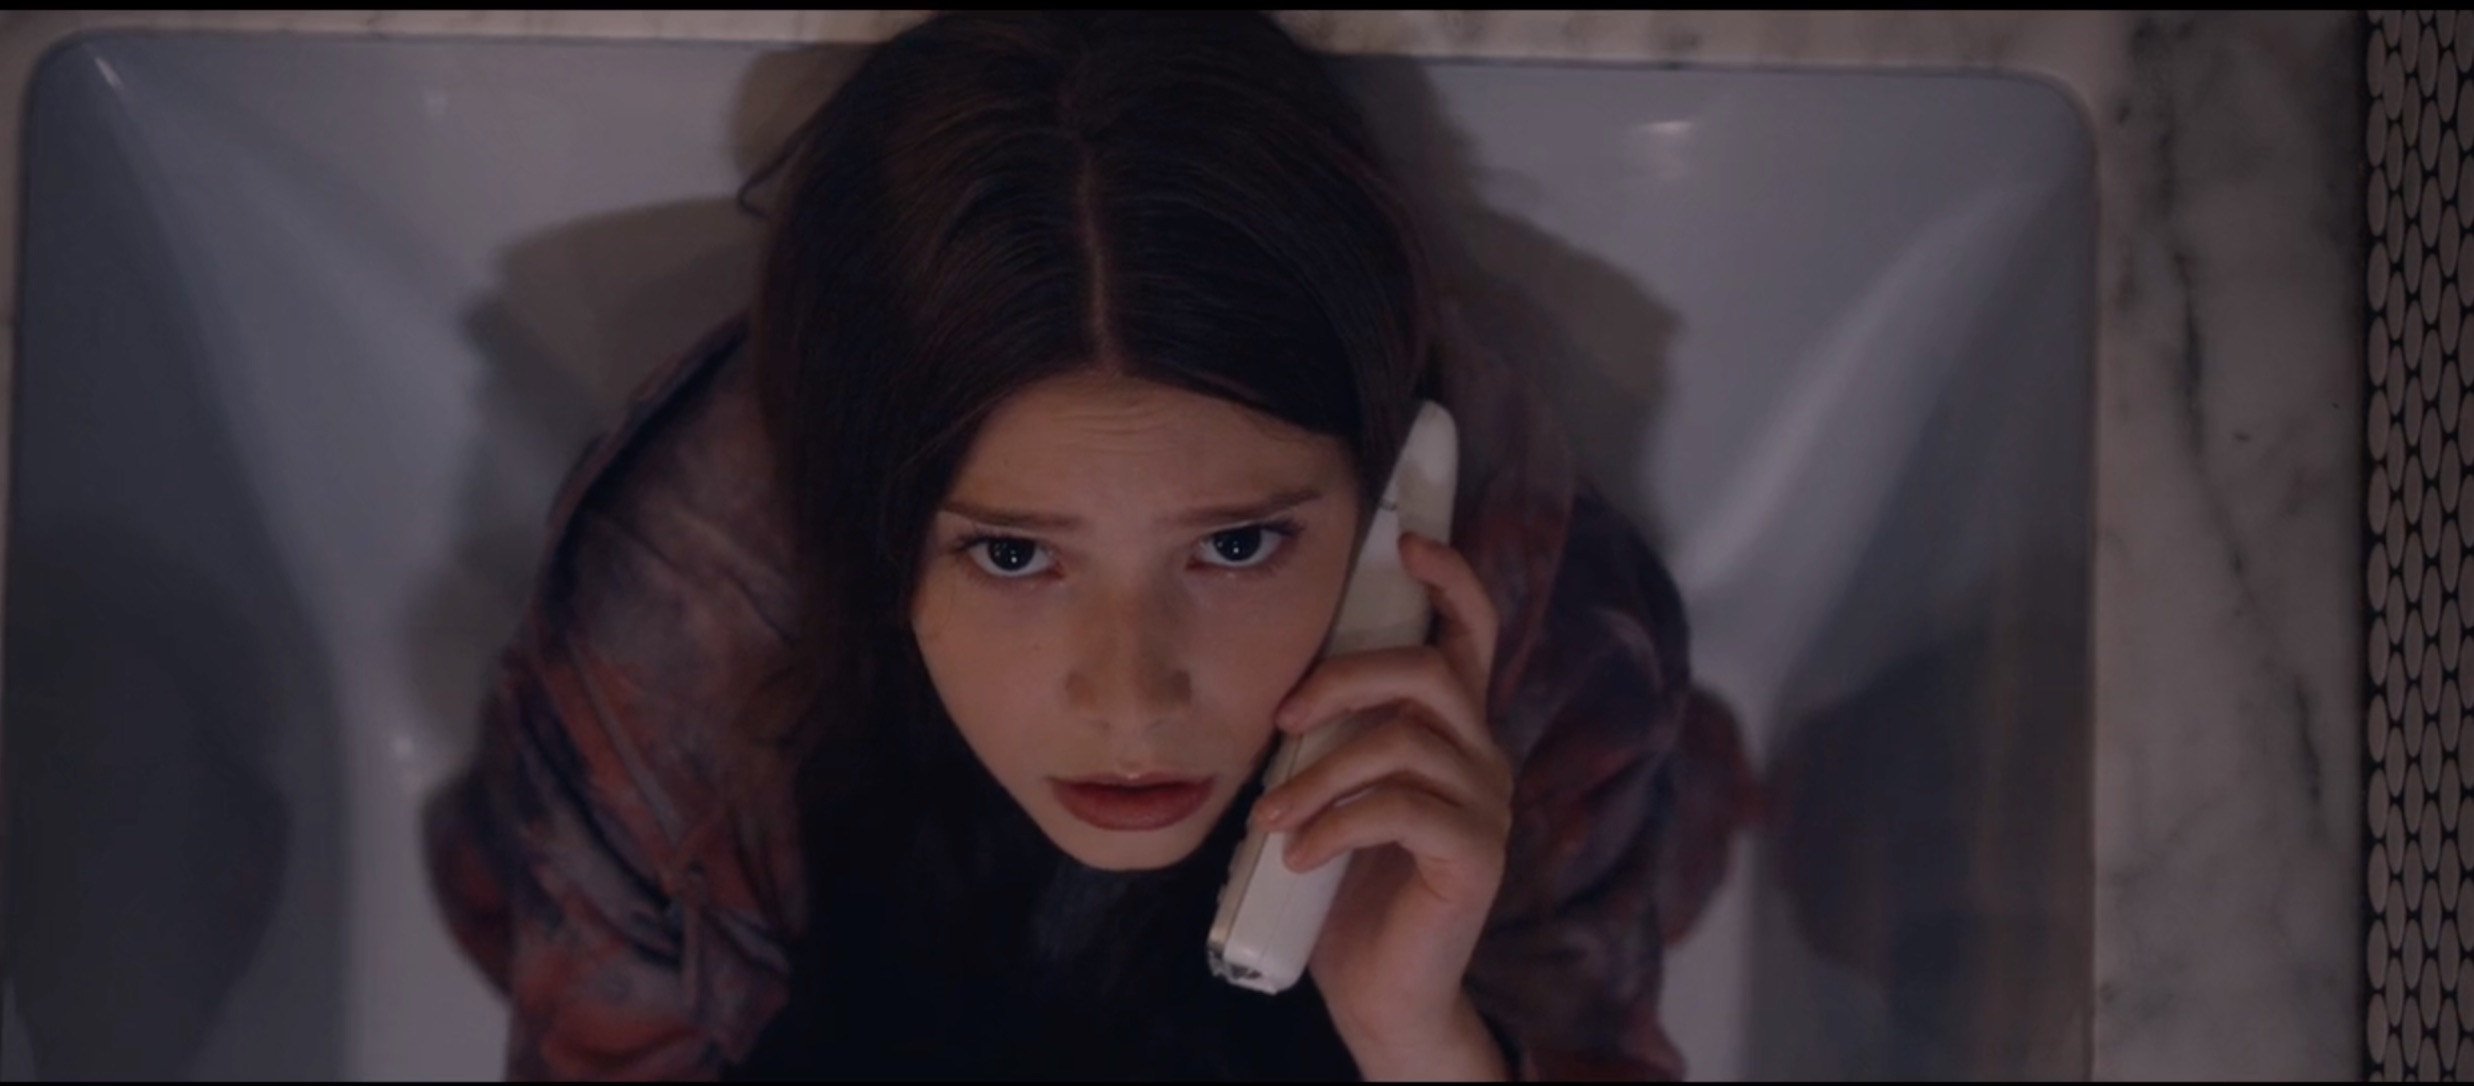 Mackenzie Moss in Let Us In (2021)